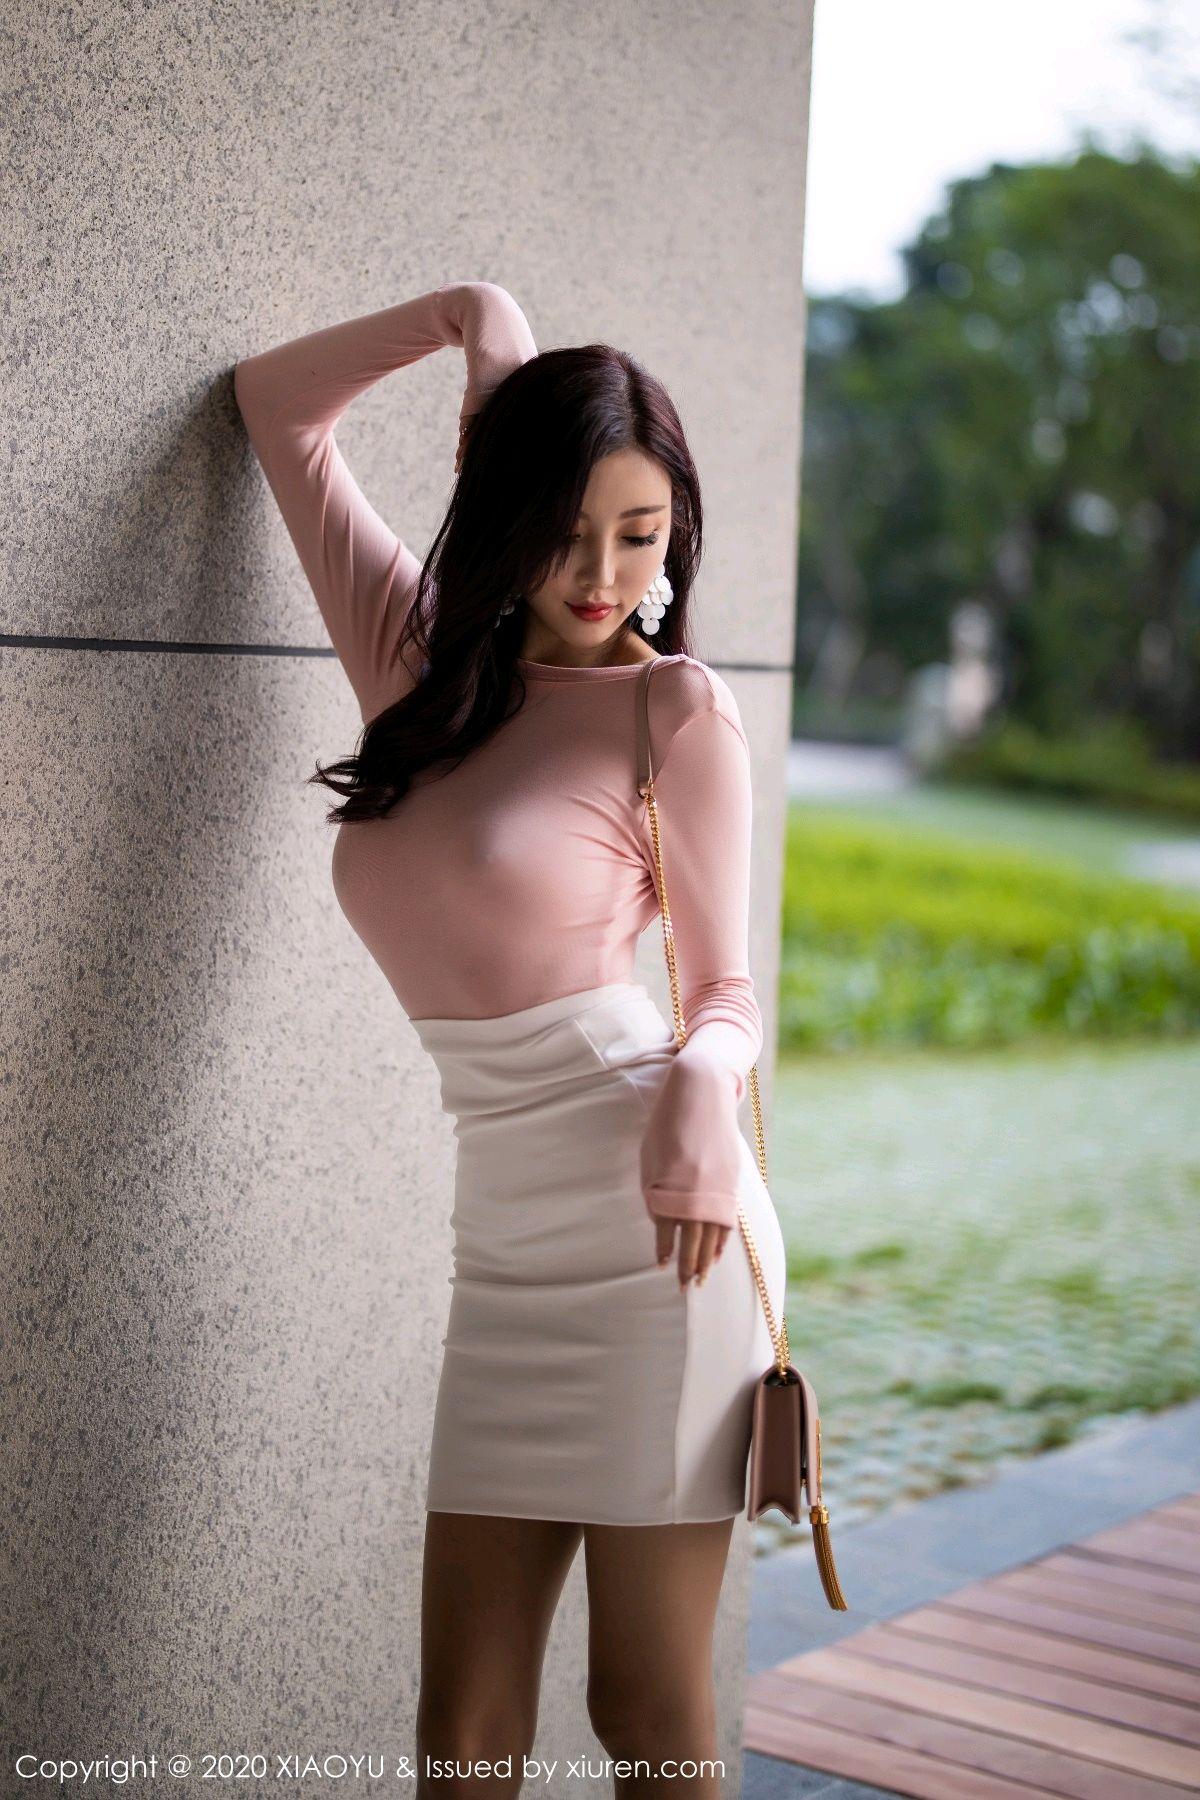 [XiaoYu] Vol.310 Yang Chen Chen 44P, Street, XiaoYu, Yang Chen Chen